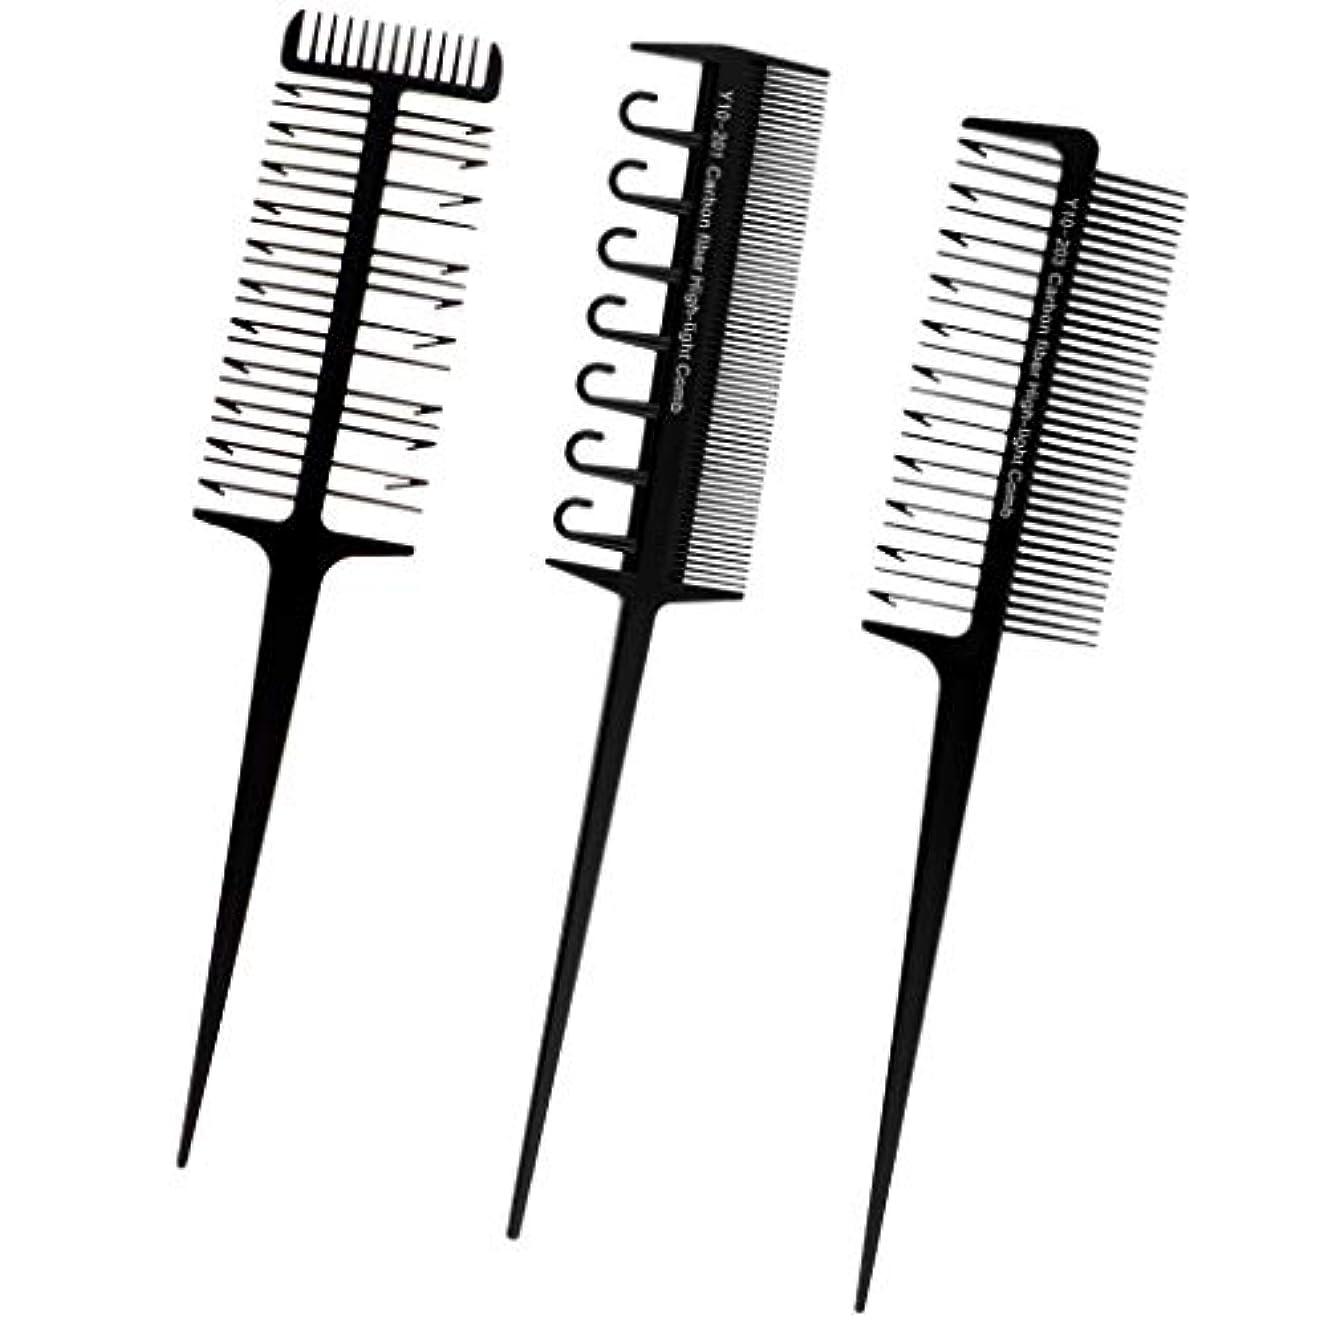 ジャーナリスト辛な差別T TOOYFUL へアカラーセット 3本セット ヘアダイブラシ DIY髪染め用 サロン 美髪師用 ヘアカラーの用具